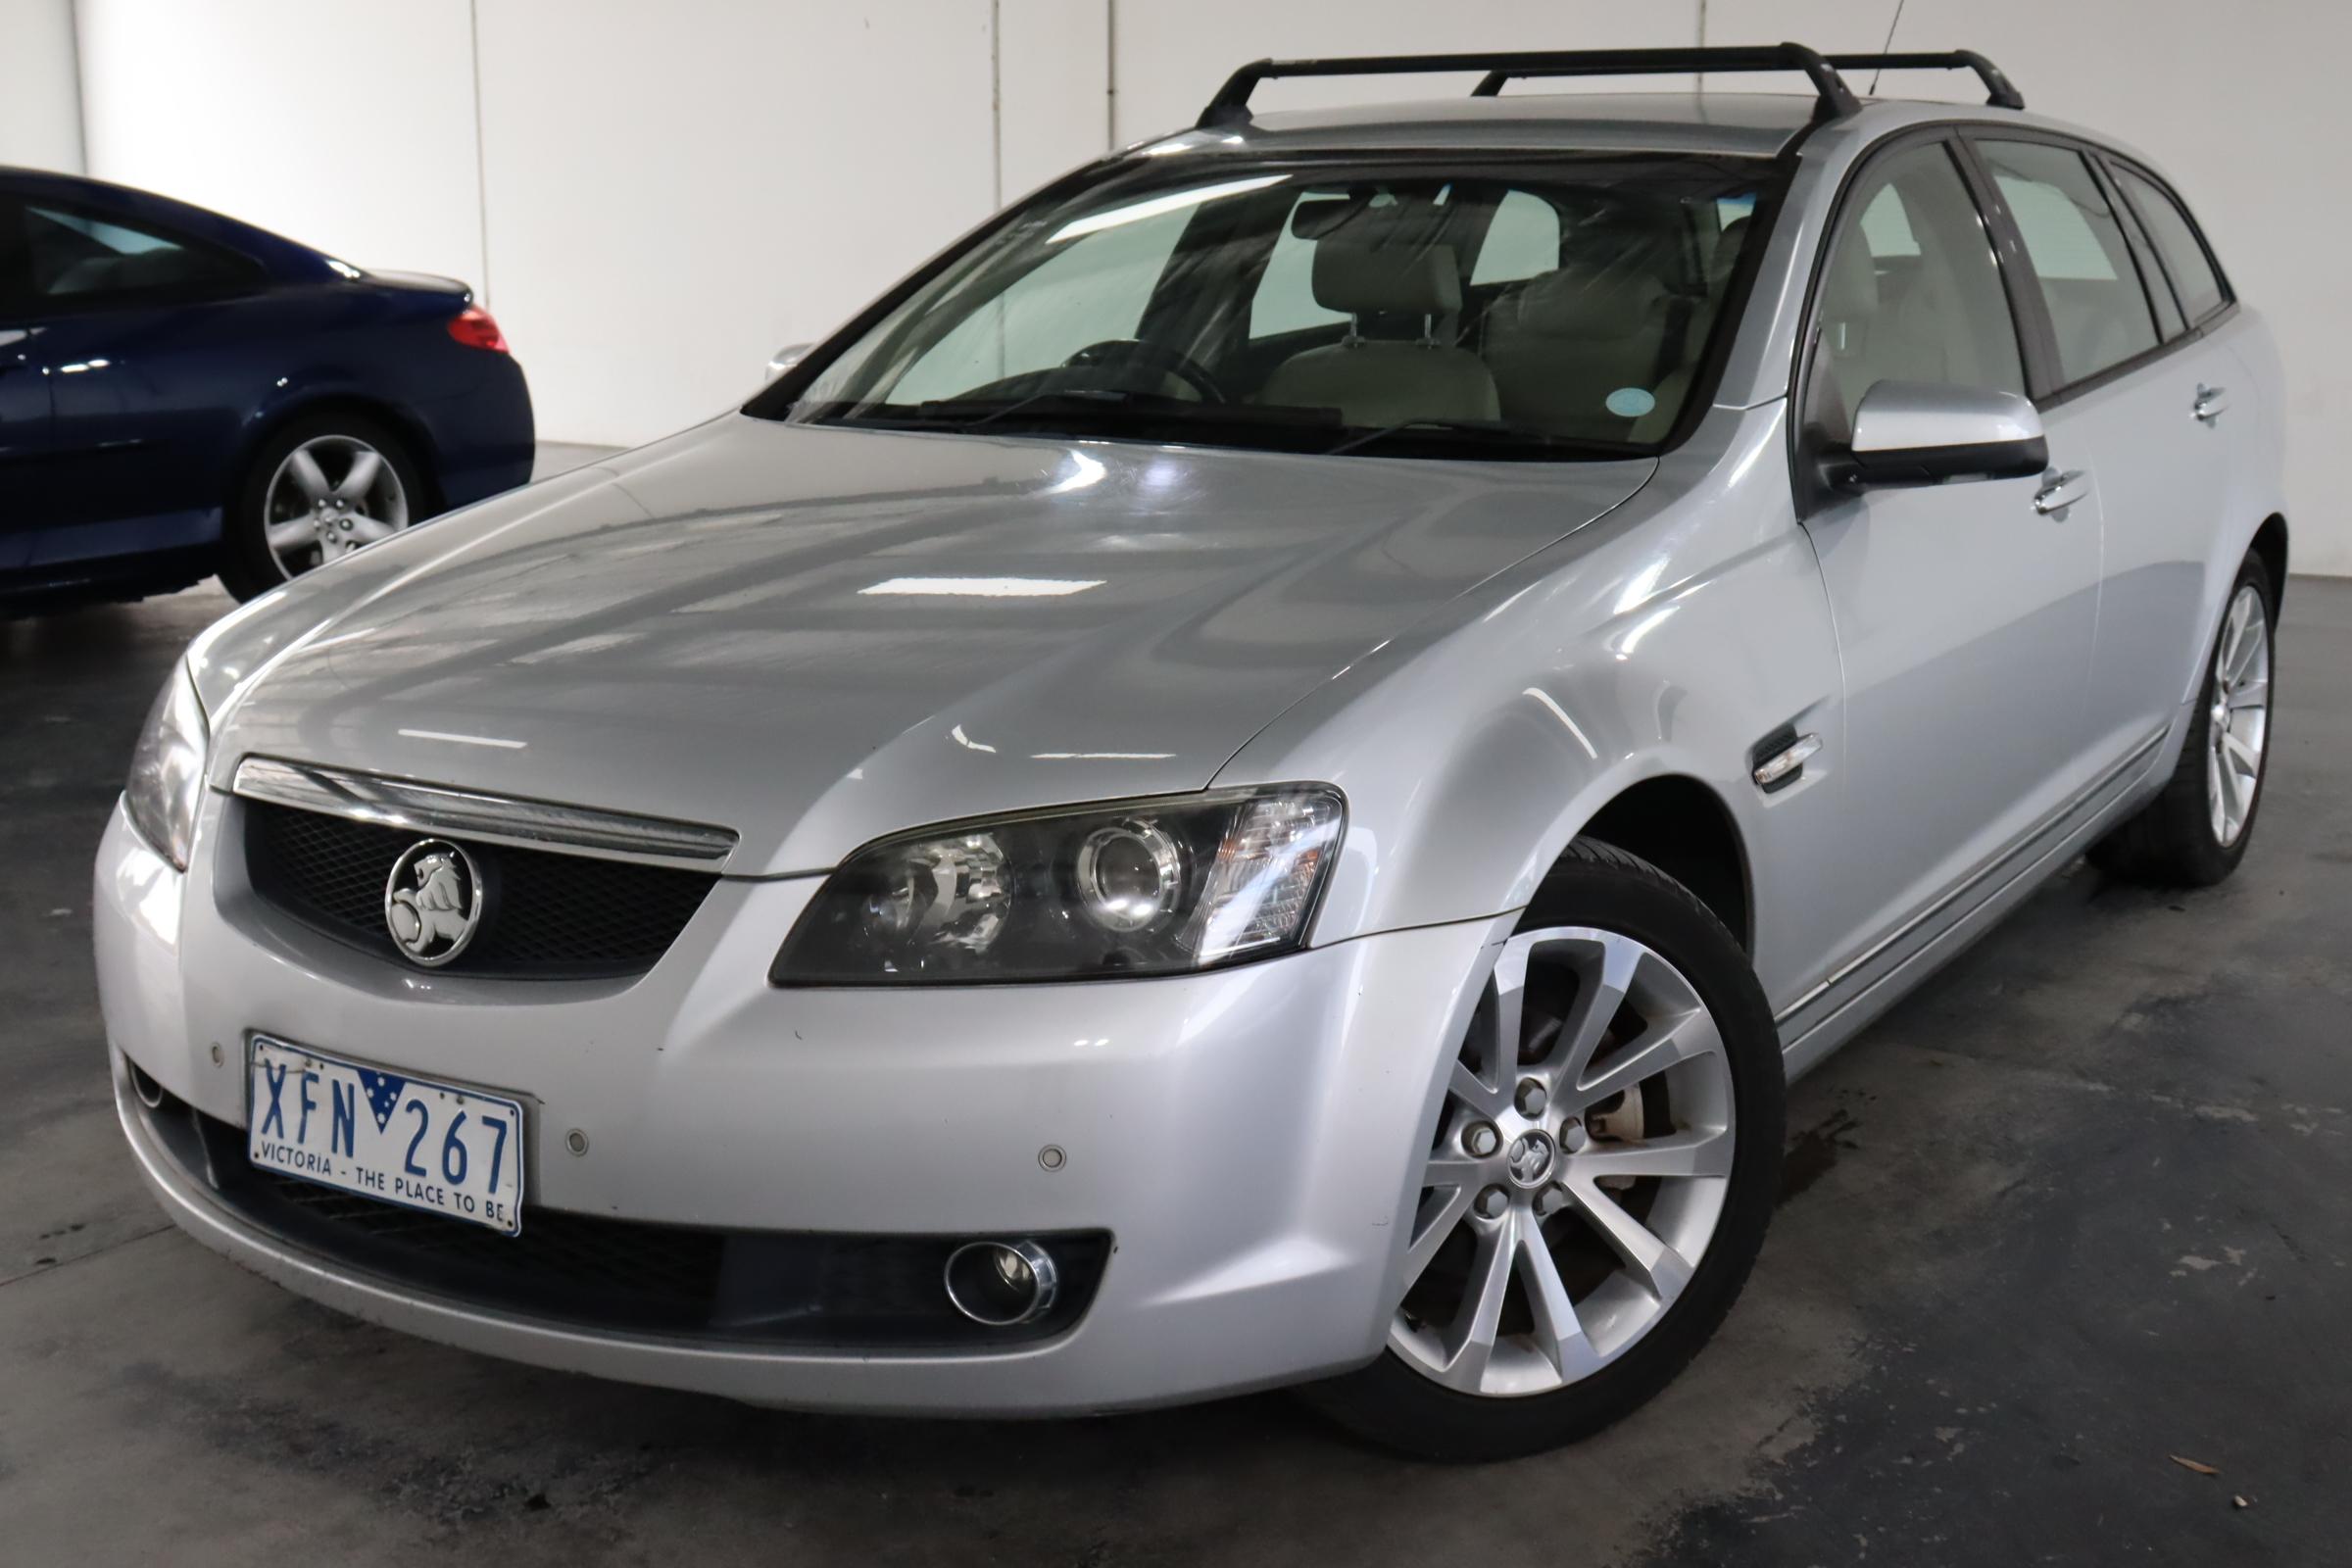 2009 Holden Sportwagon CALAIS V-SERIES VE Automatic Wagon